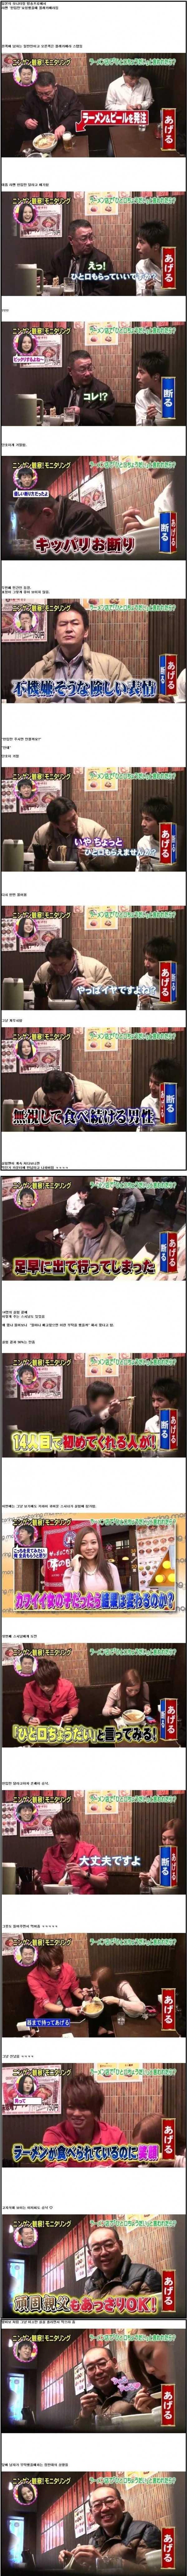 일본 예능 '한입만'충 남녀 차이.jpg